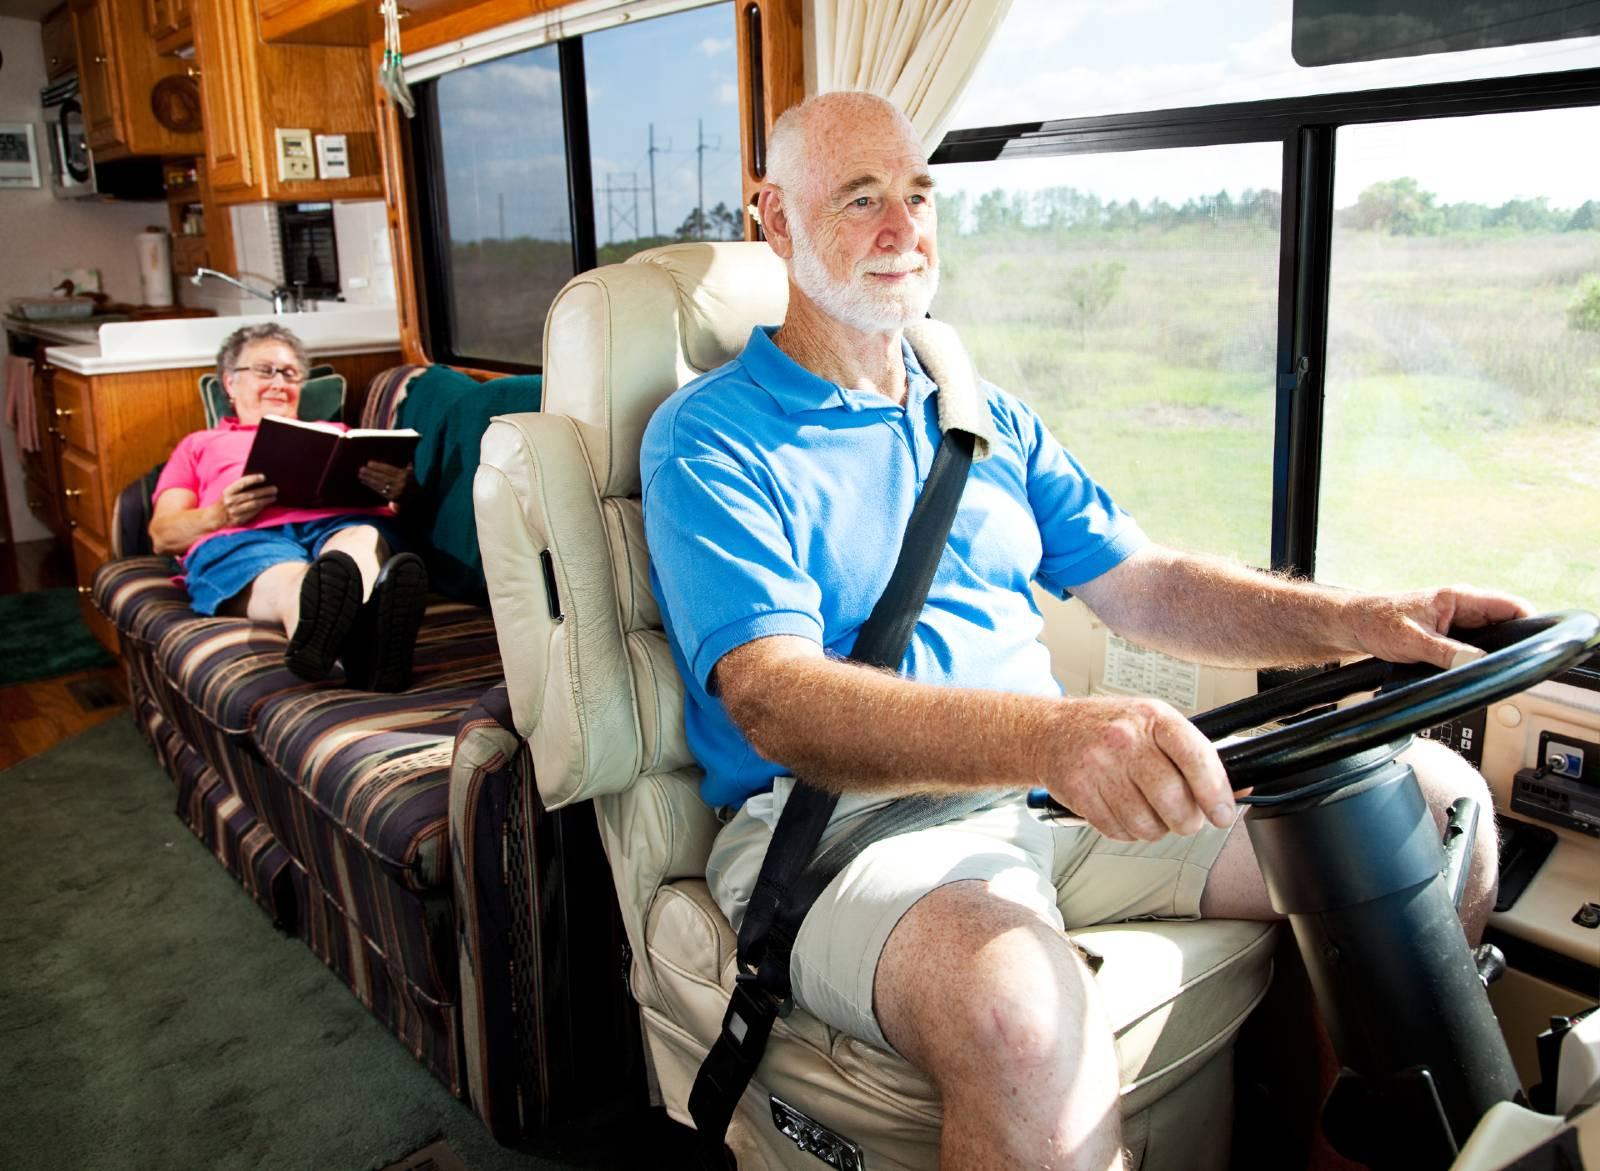 Dormire in camper in movimento non è possibile secondo il Codice della Strada. Tutti i passeggeri devono sedere ai posti di viaggio predisposti con la cintura di sicurezza allacciata.